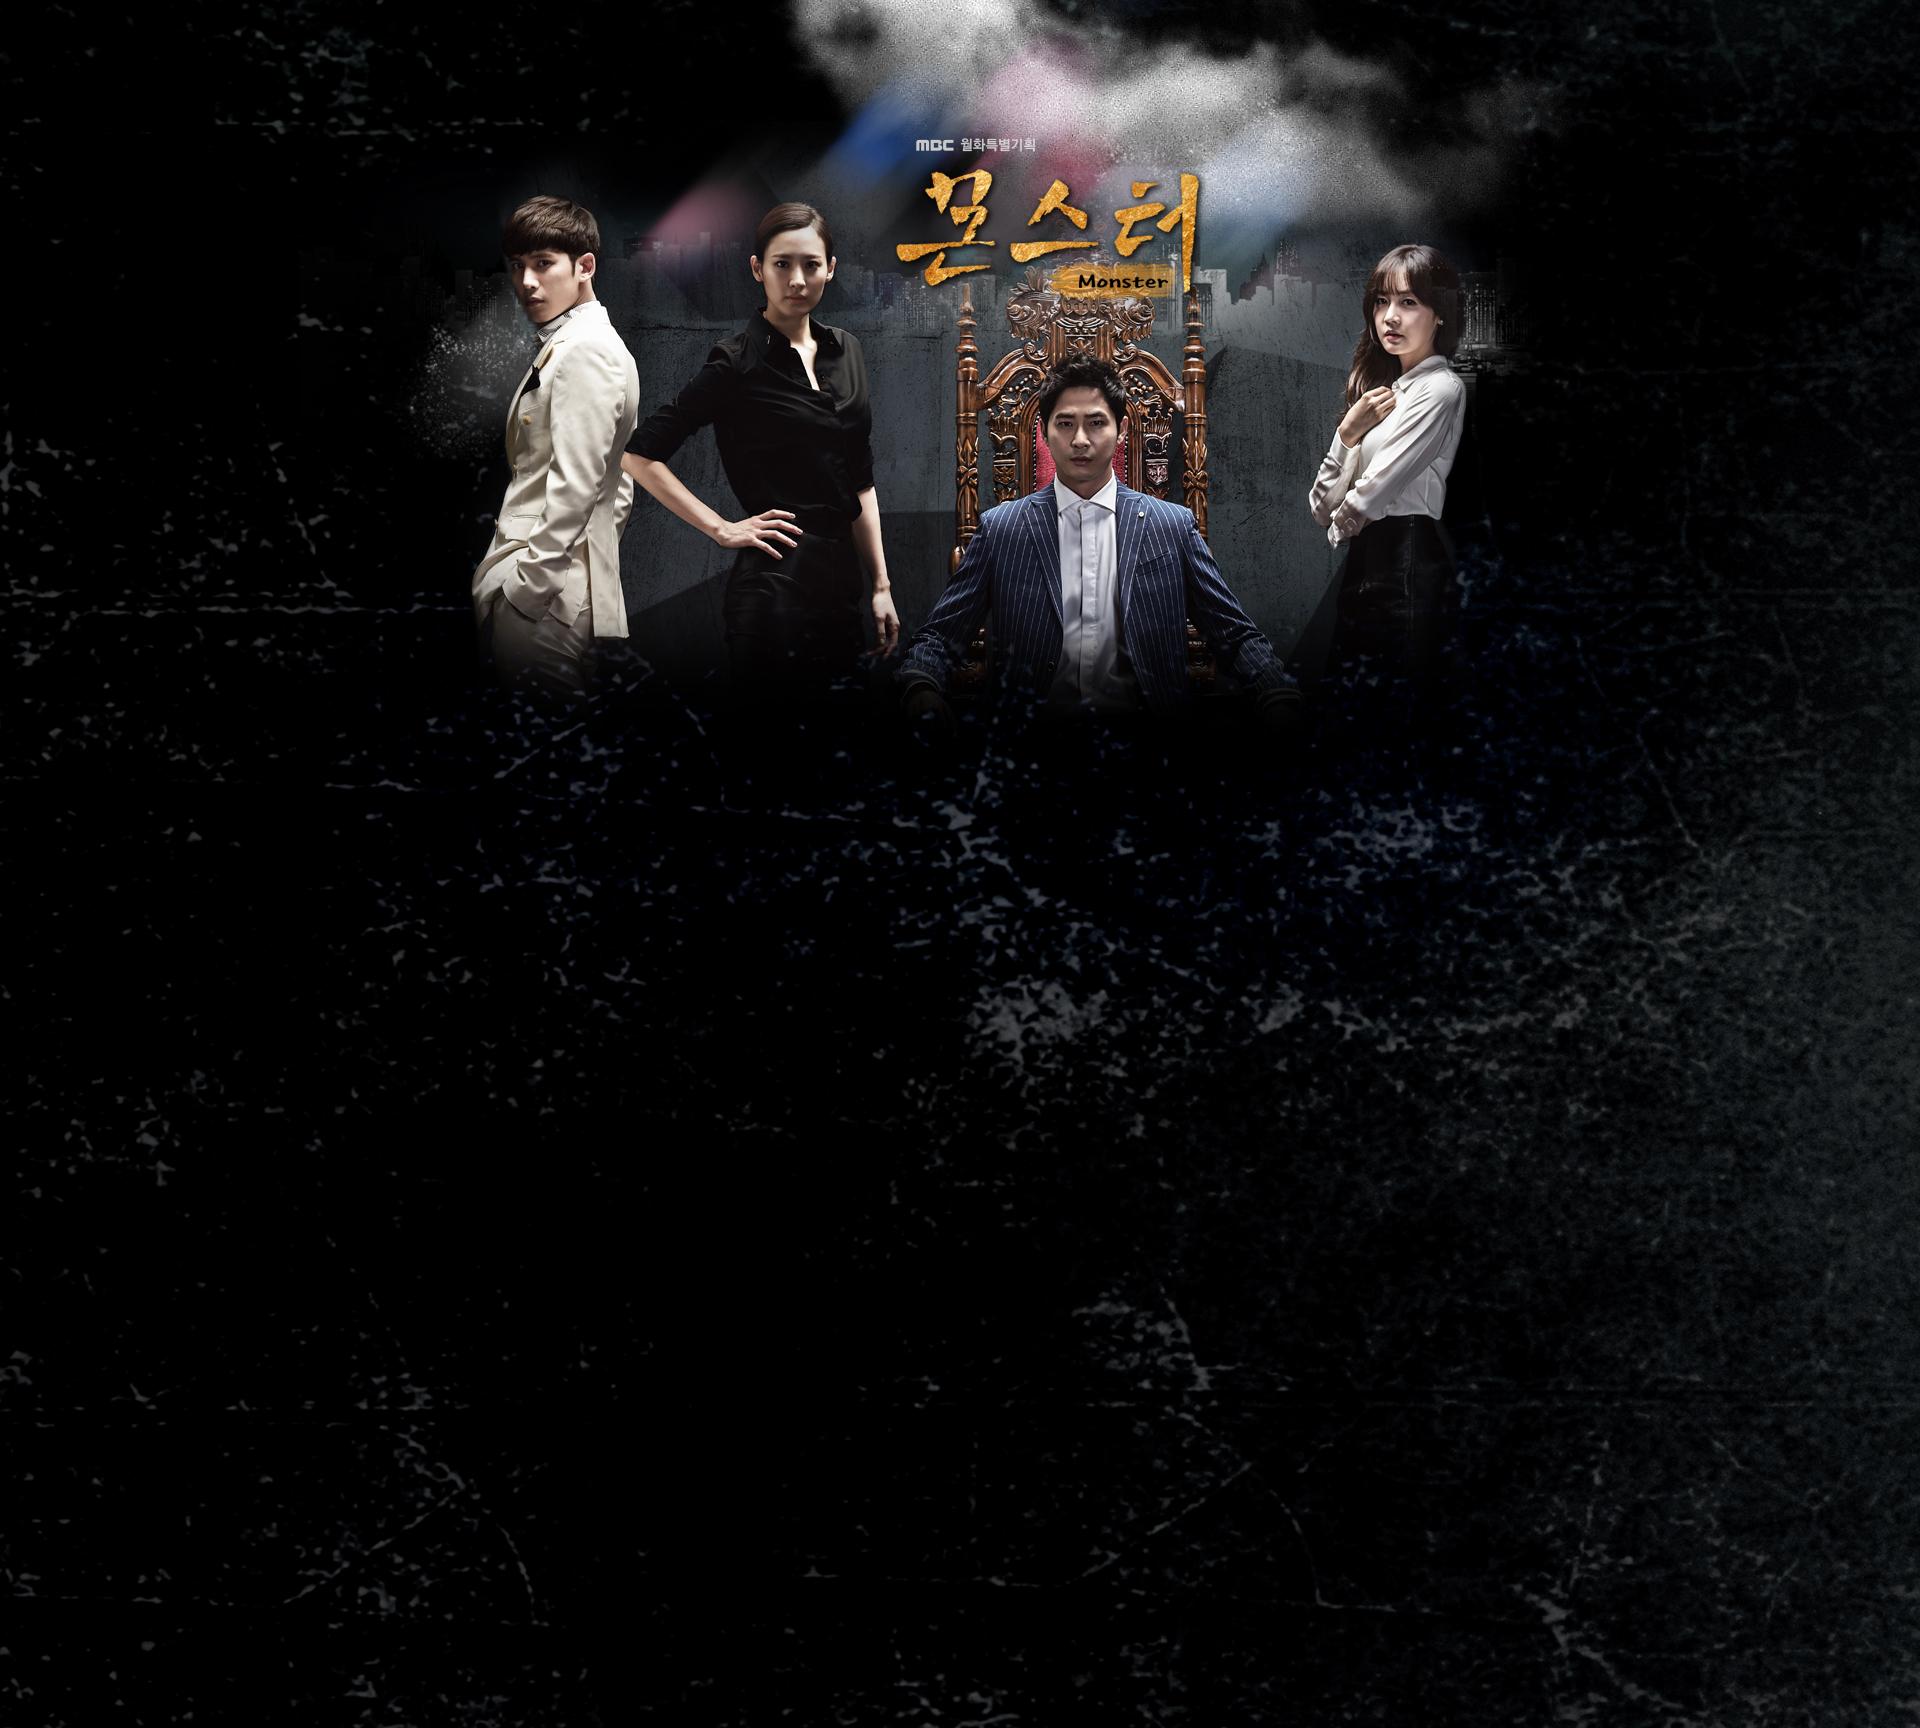 박기웅, 성유리, 강지환, 수현 포스터